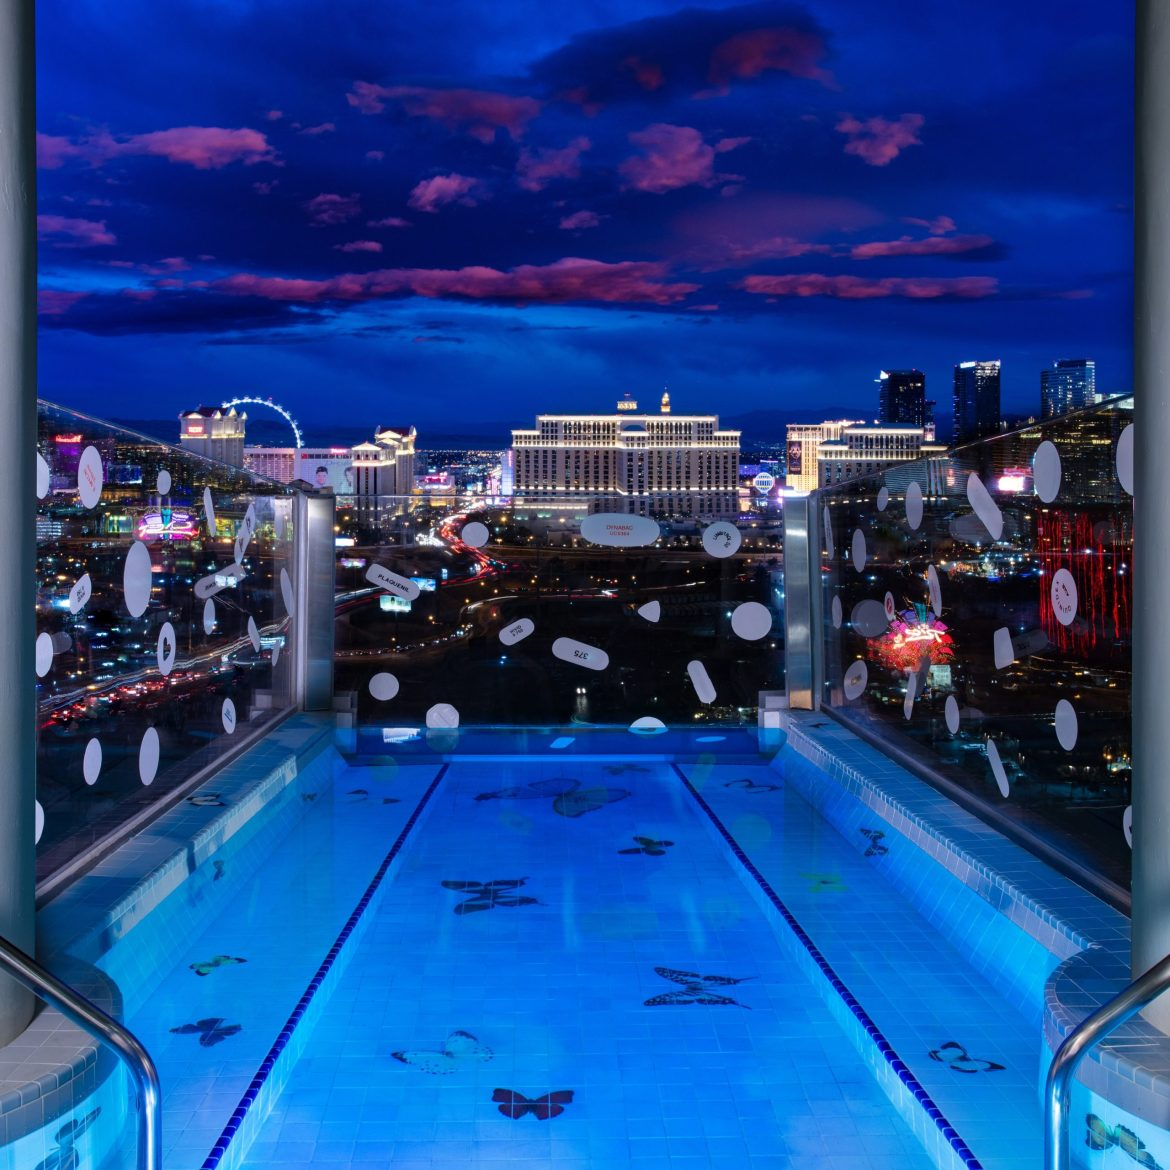 00 promo image damien hirst suite palms casino resort las vegas - Esta es la habitación de hotel más cara de Estados Unidos diseñada por Damien Hirst